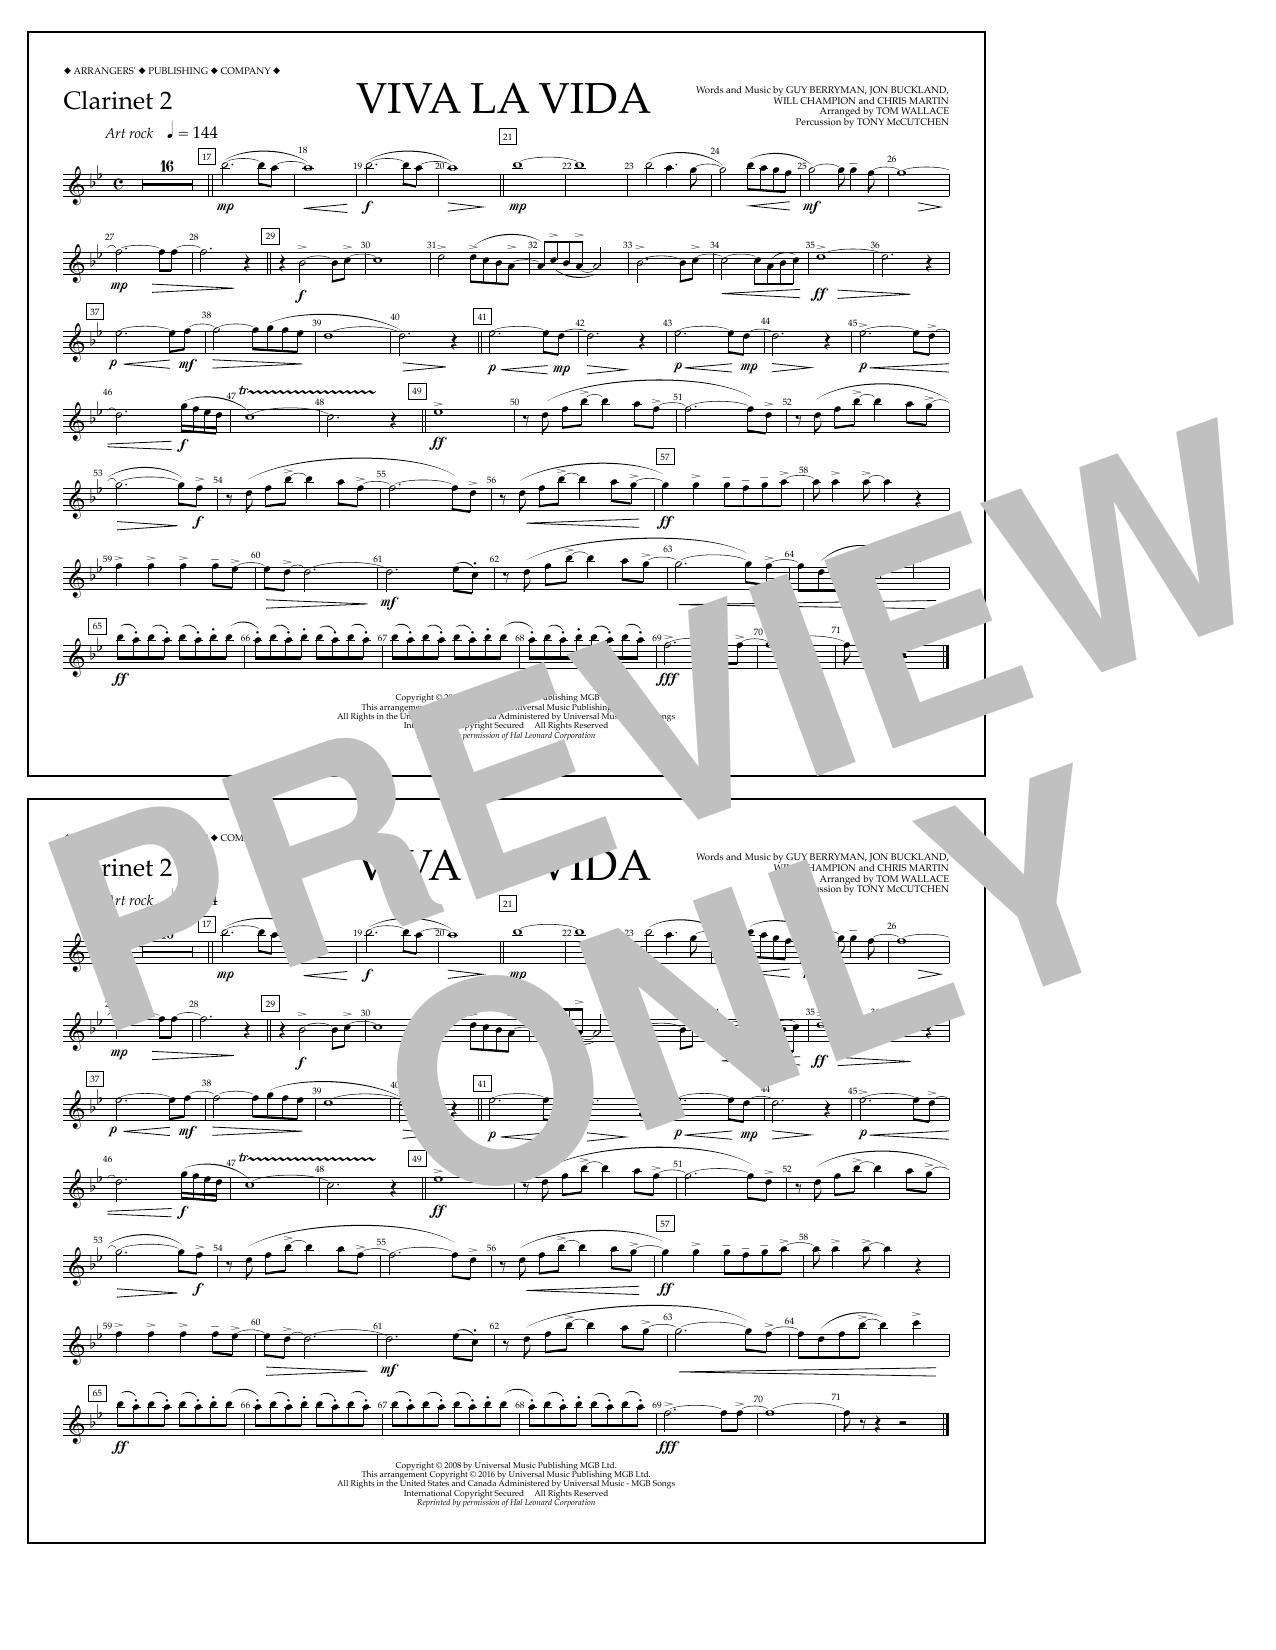 Coldplay - Viva La Vida - Clarinet 2